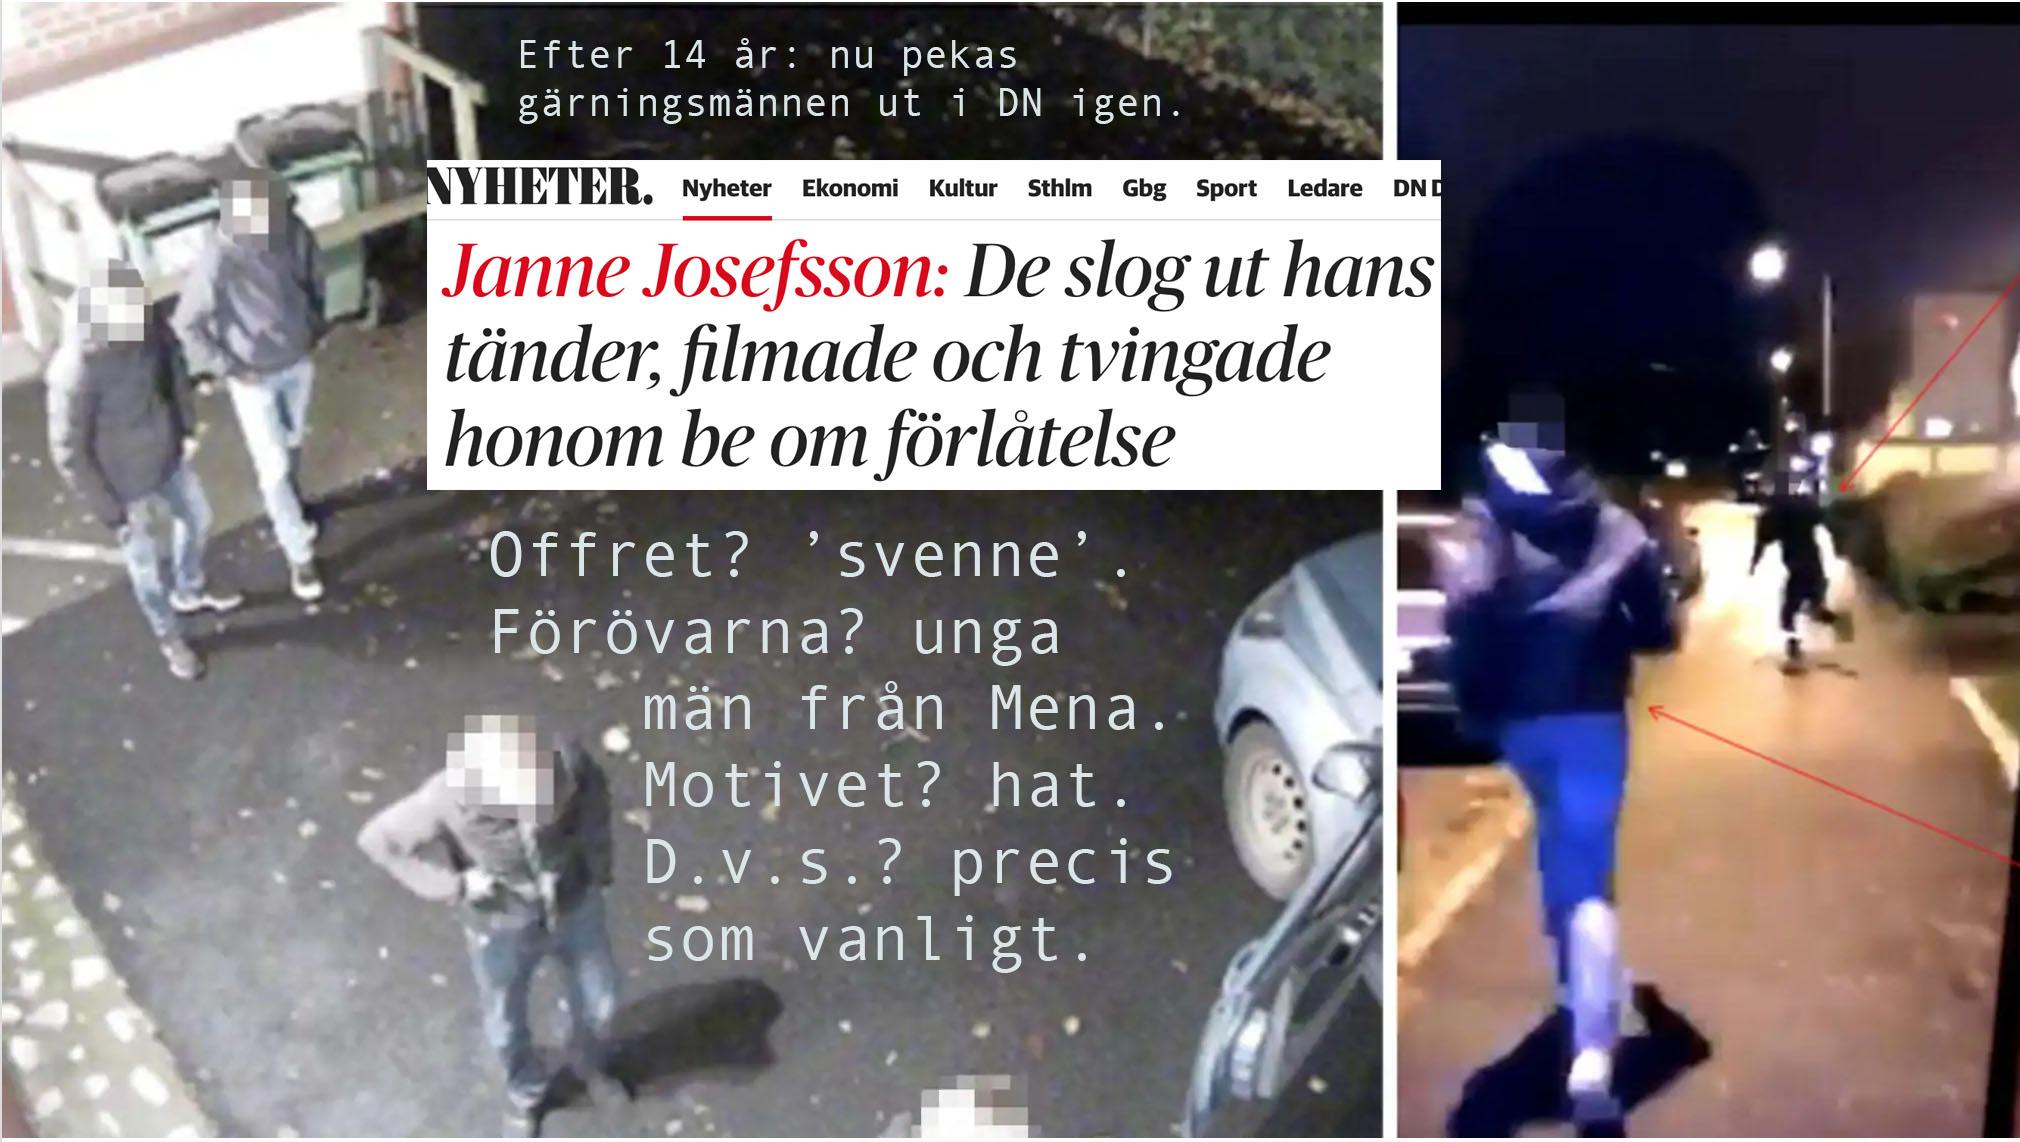 Josefsson skriver i DN vad som censurerats sedan 2006: dominansvåldets offer är svenskar. Dess förövare är muslimer. Och motivet är hat.